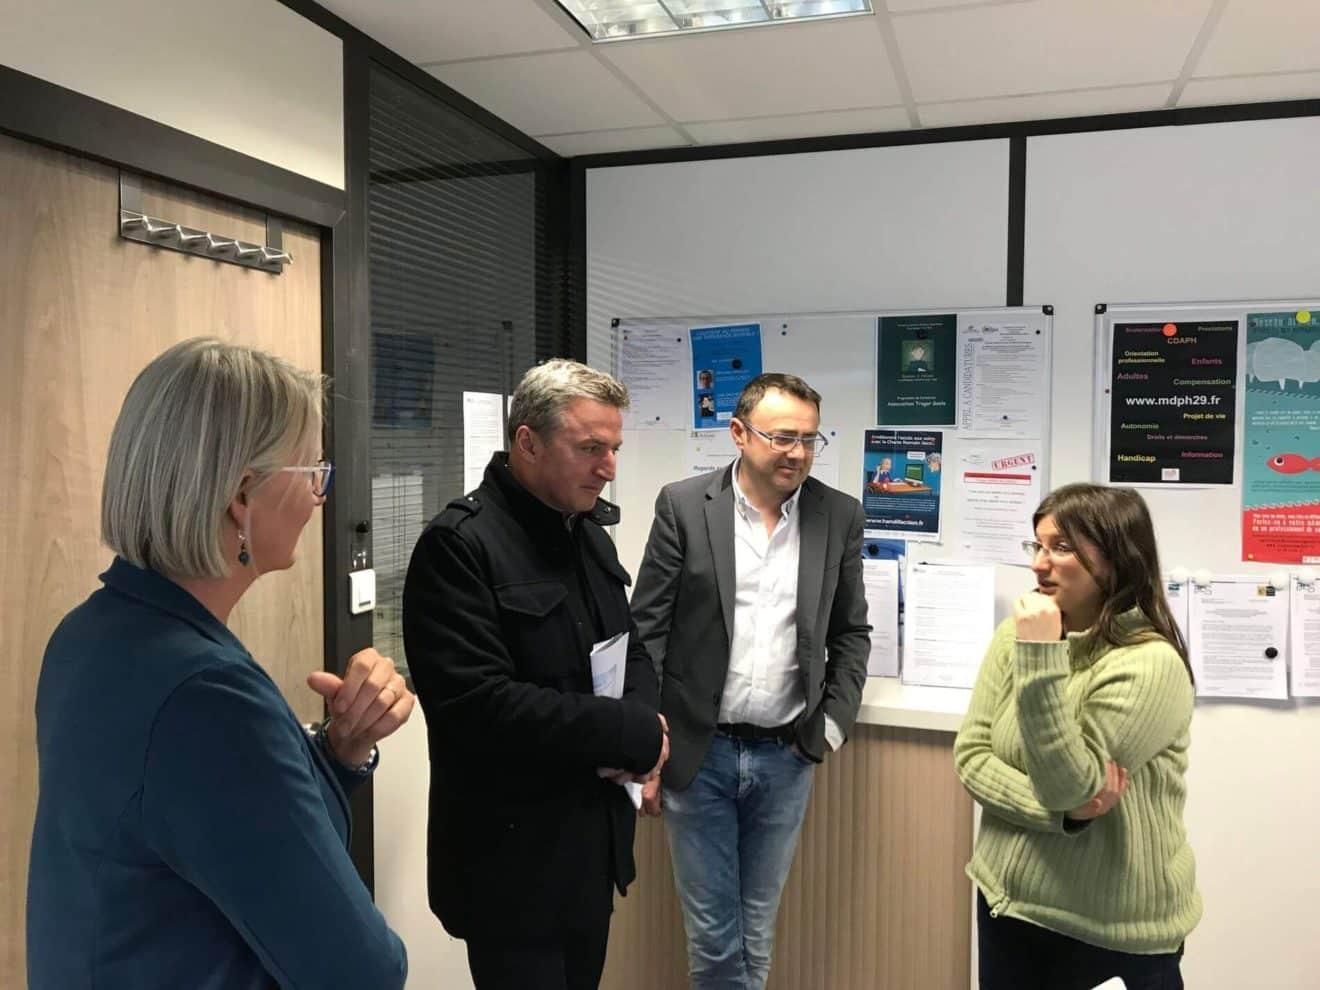 Autisme: Visitedu centre breton